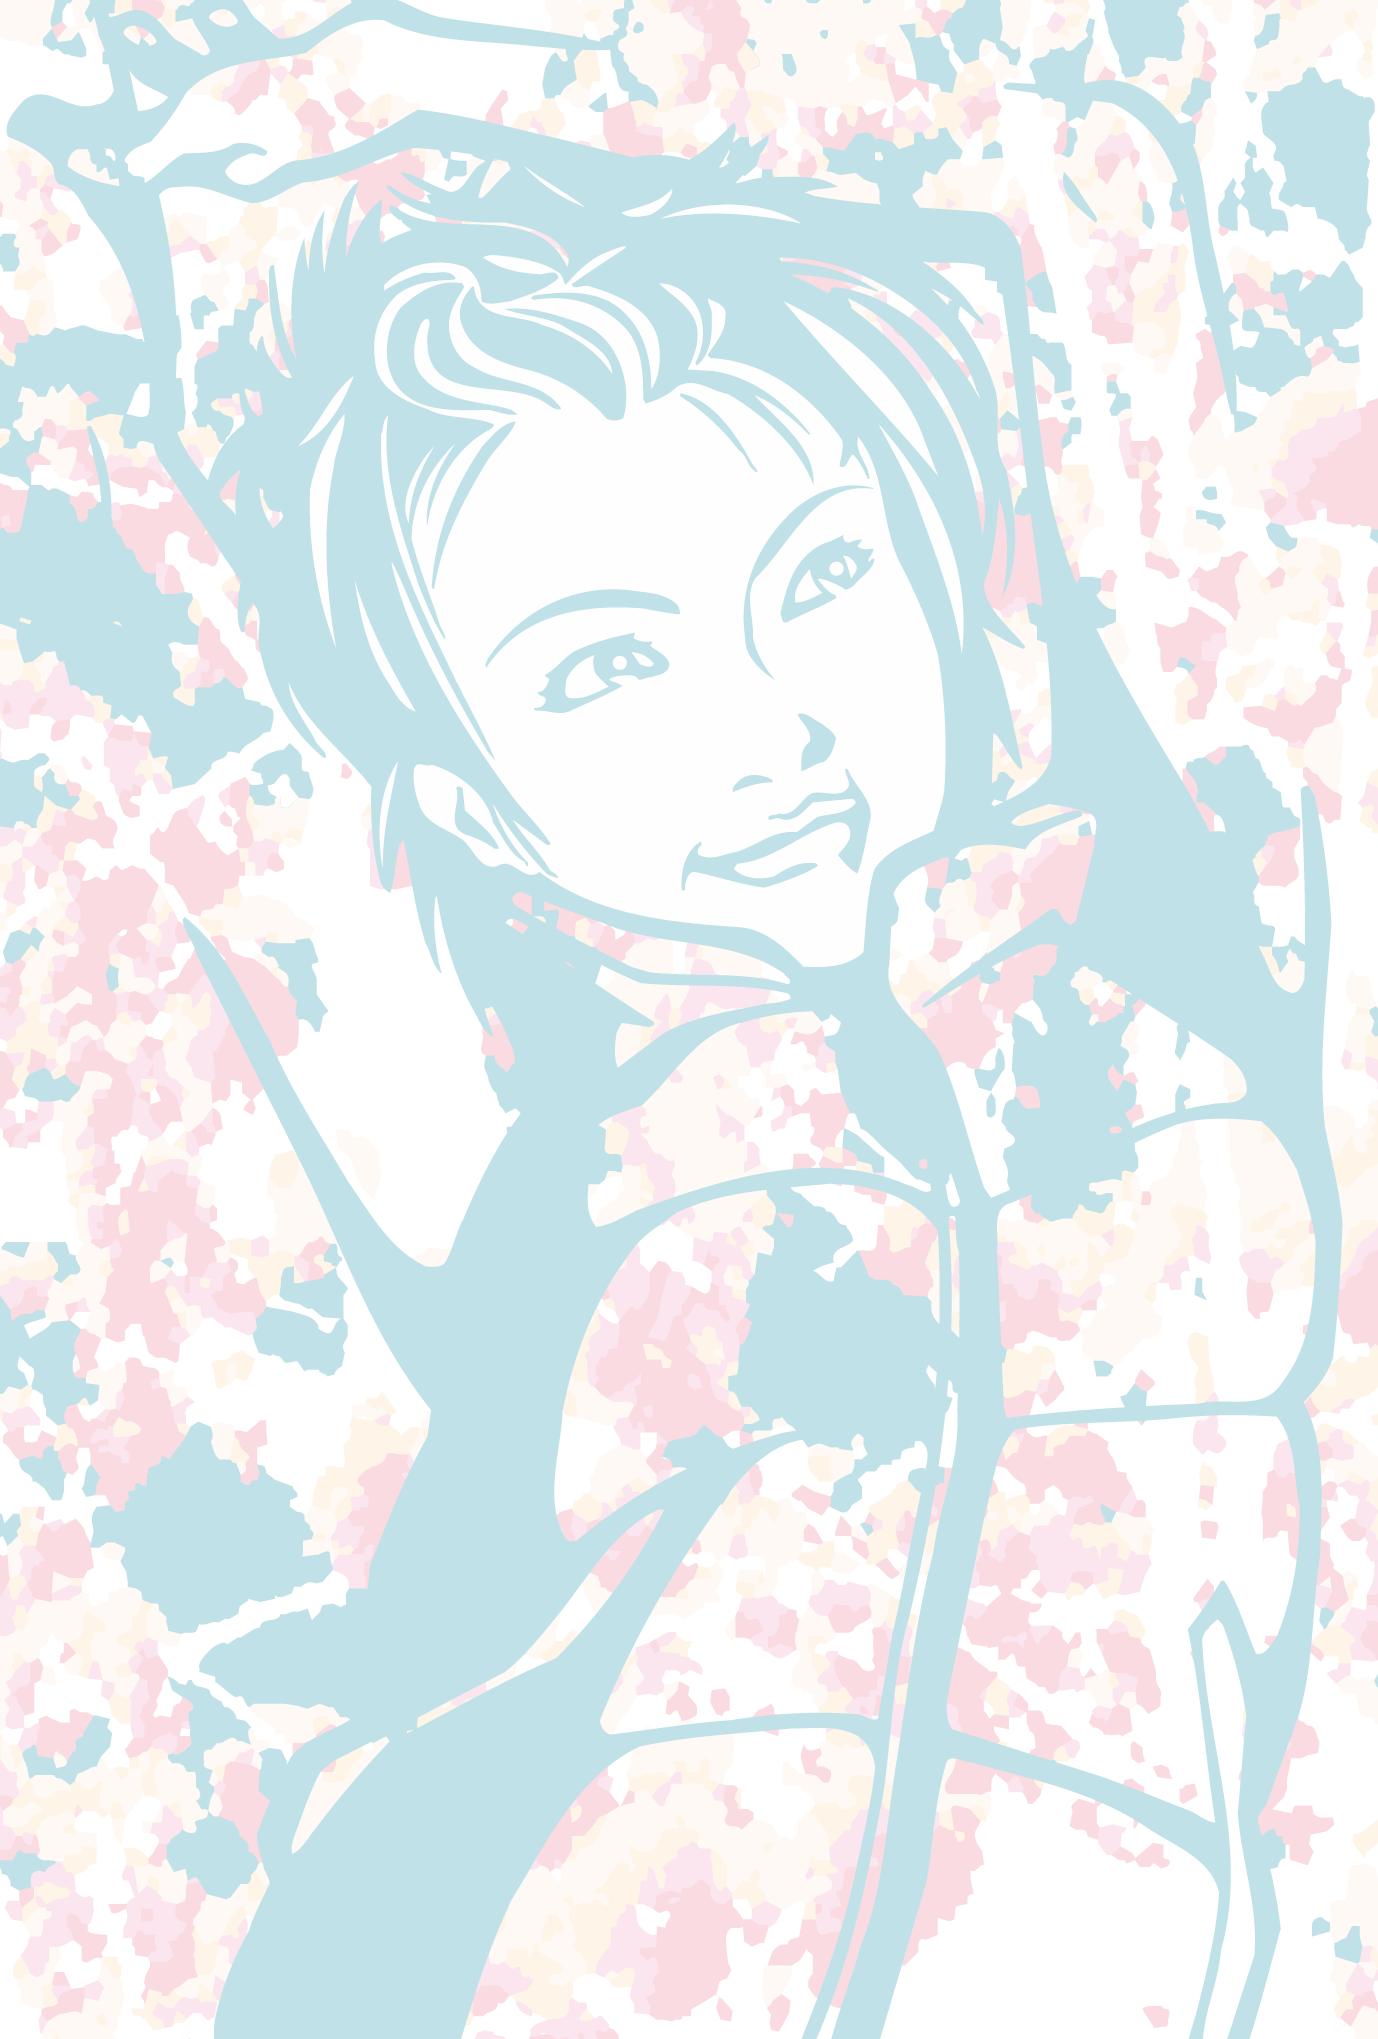 ポストカード18:Girl 6のダウンロード画像